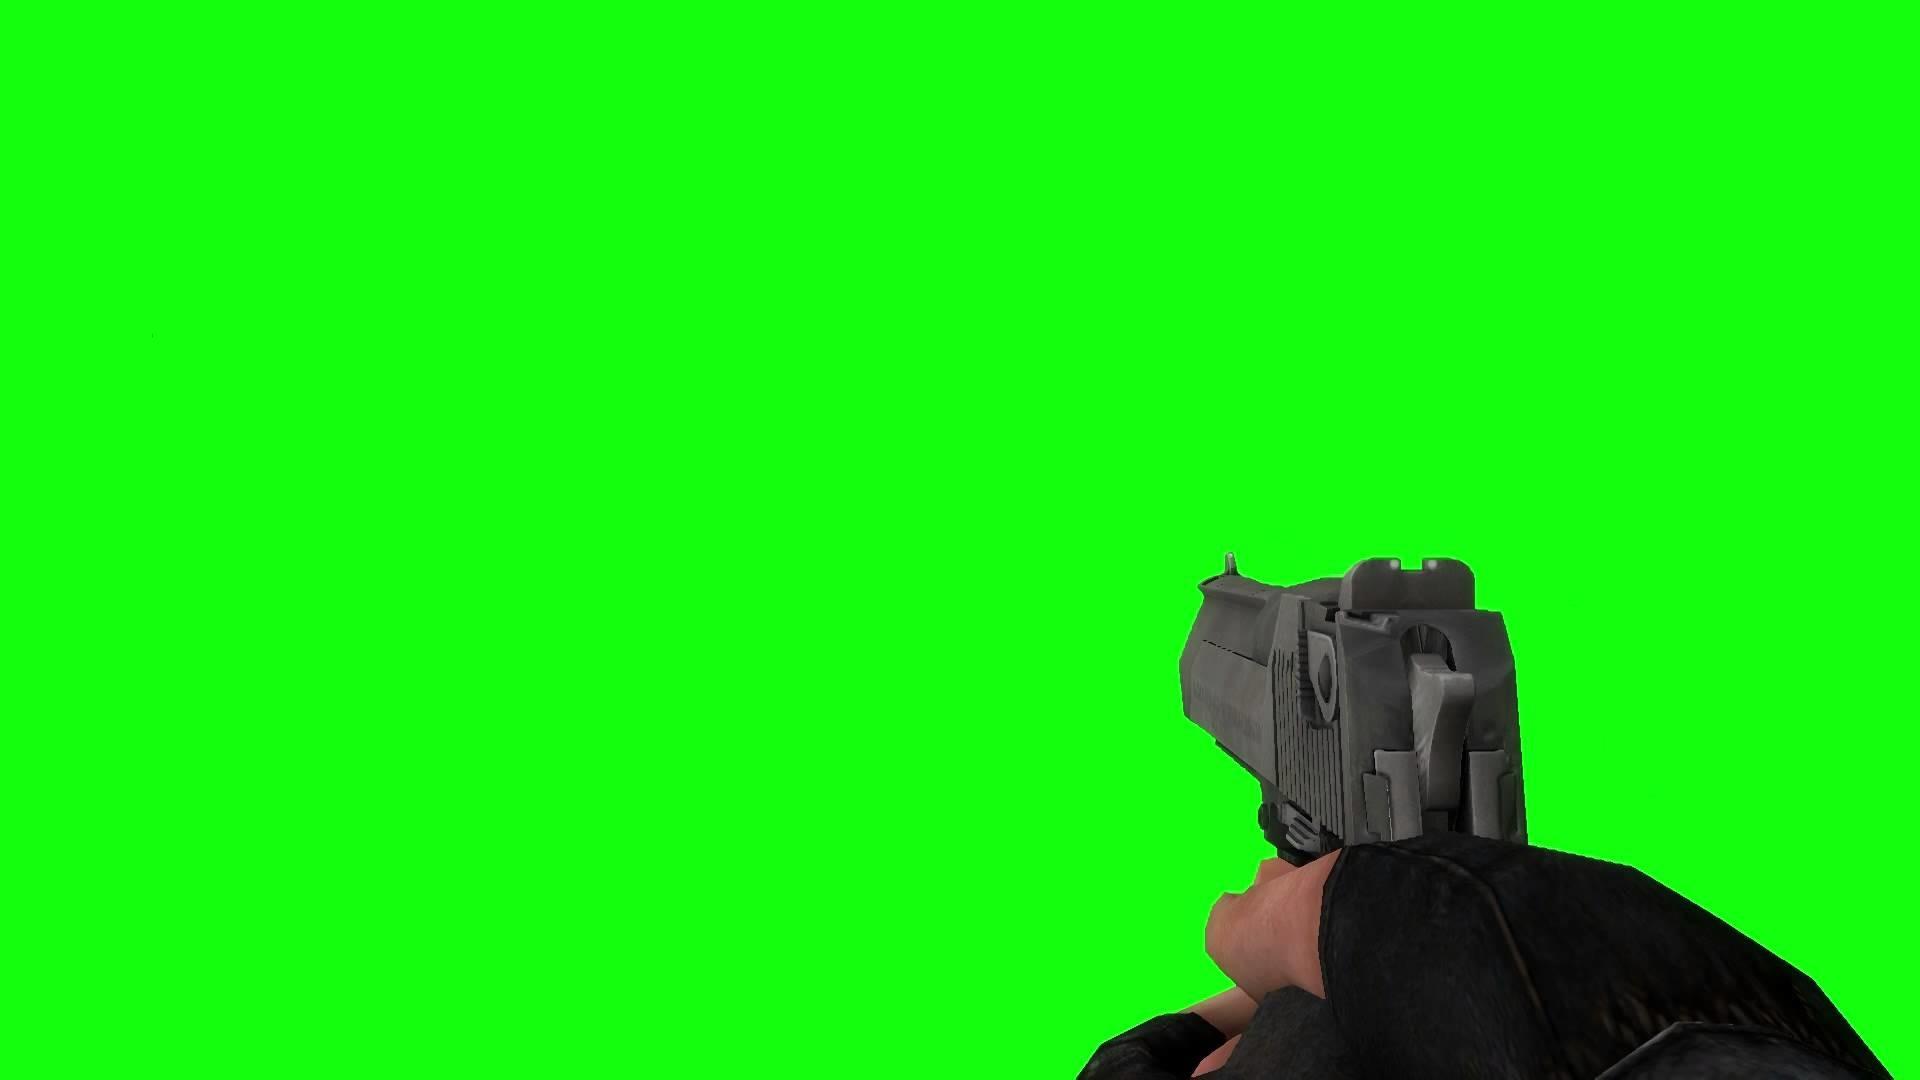 Counter-Strike Desert Eagle (Deagle) greenscreen dank meme MLG .